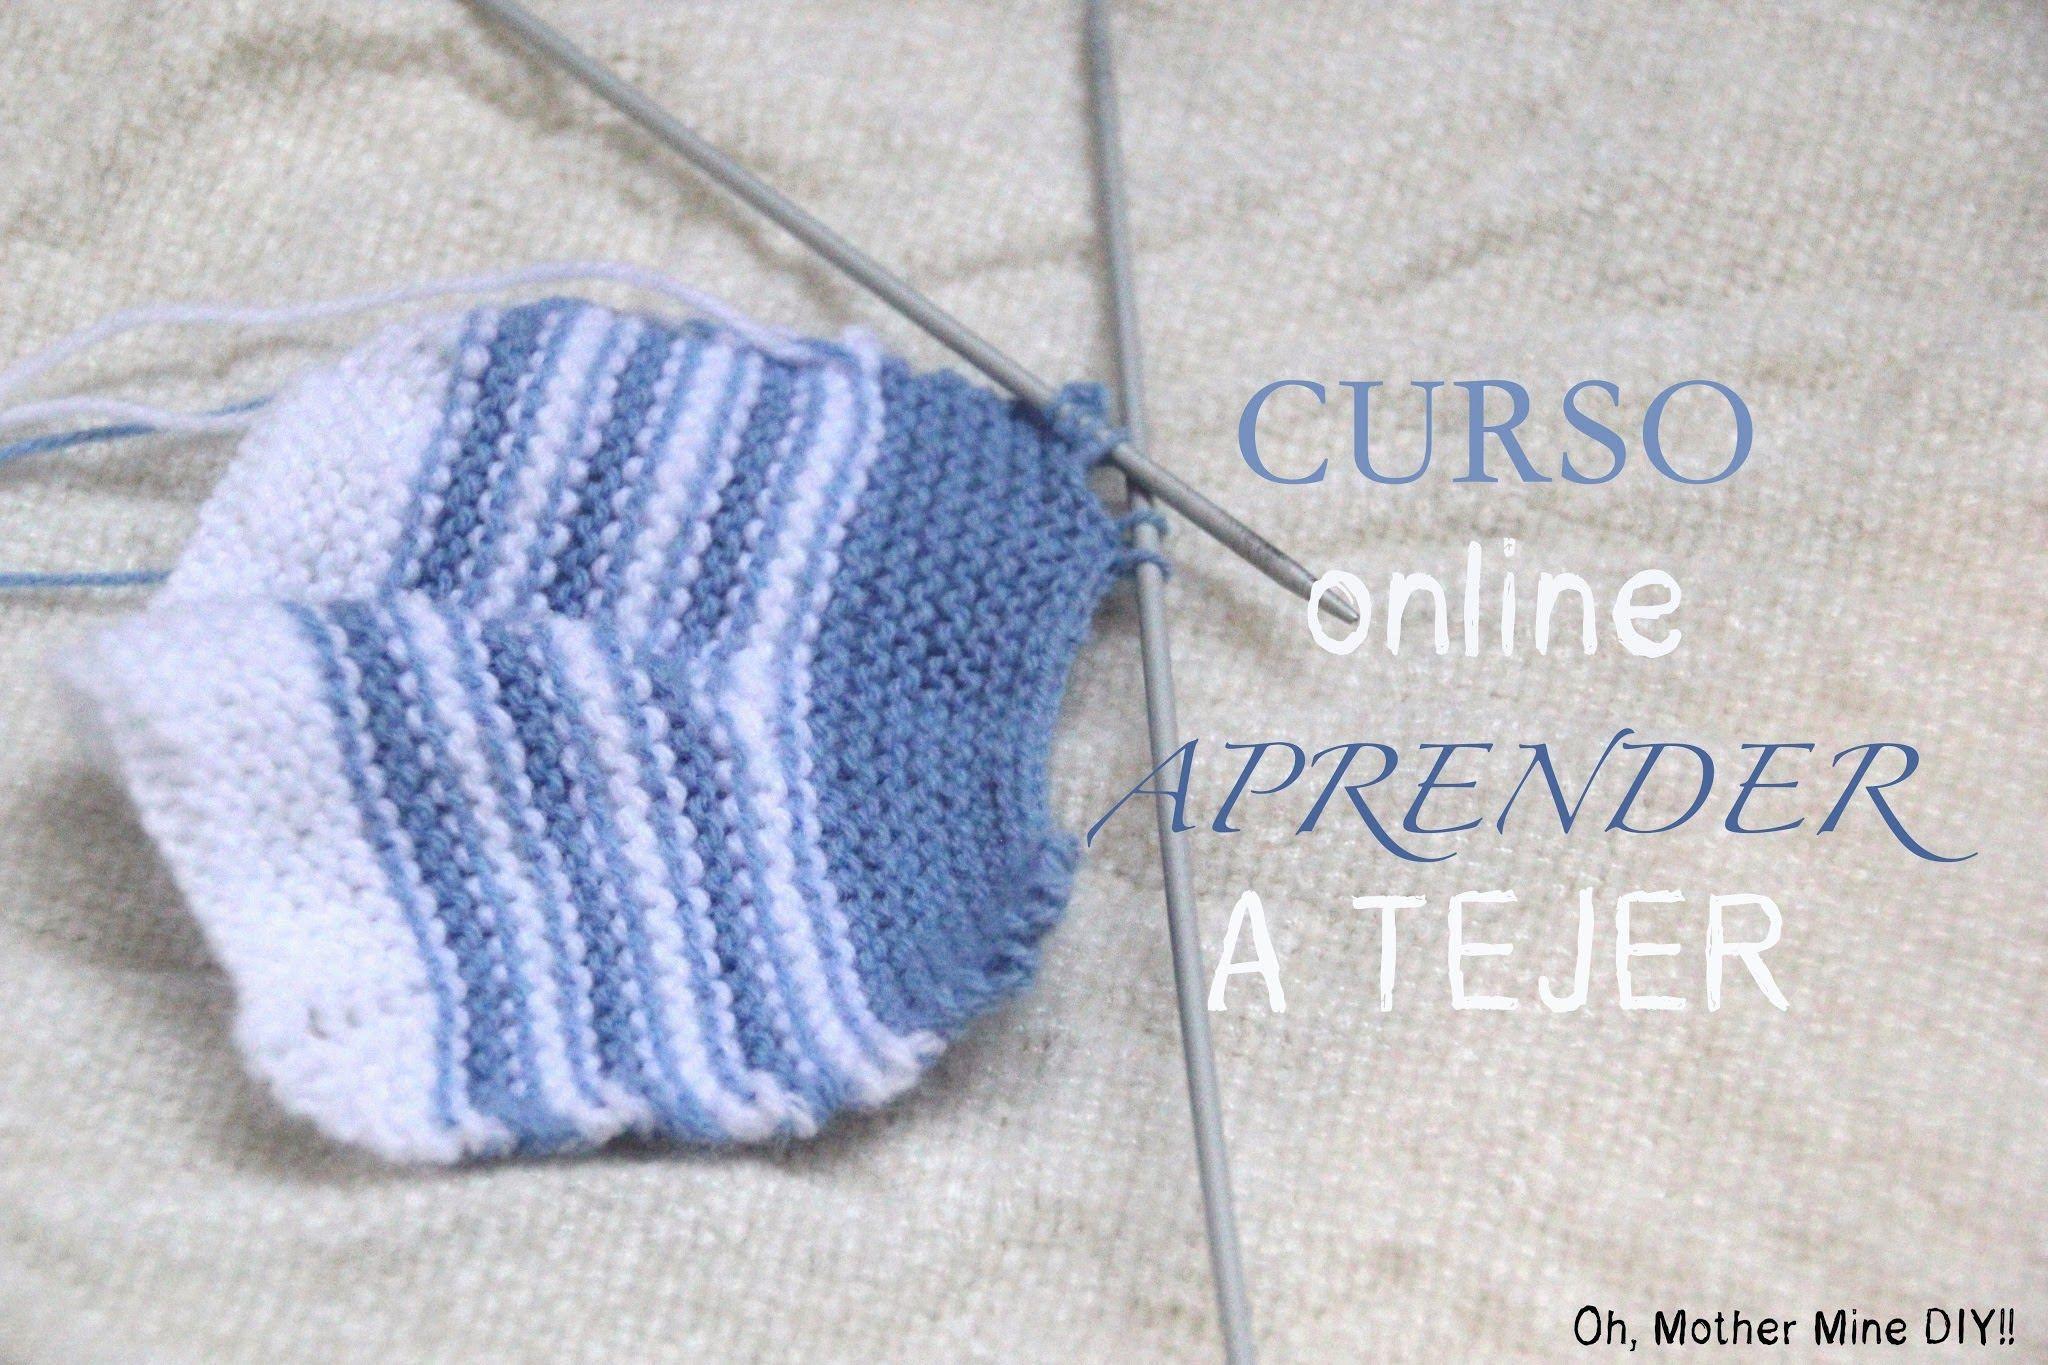 Curso De Decoracion Interiores Gratis Online Imanita Blog Aprender A Tejer Blog De Costura Tejer Para Principiantes